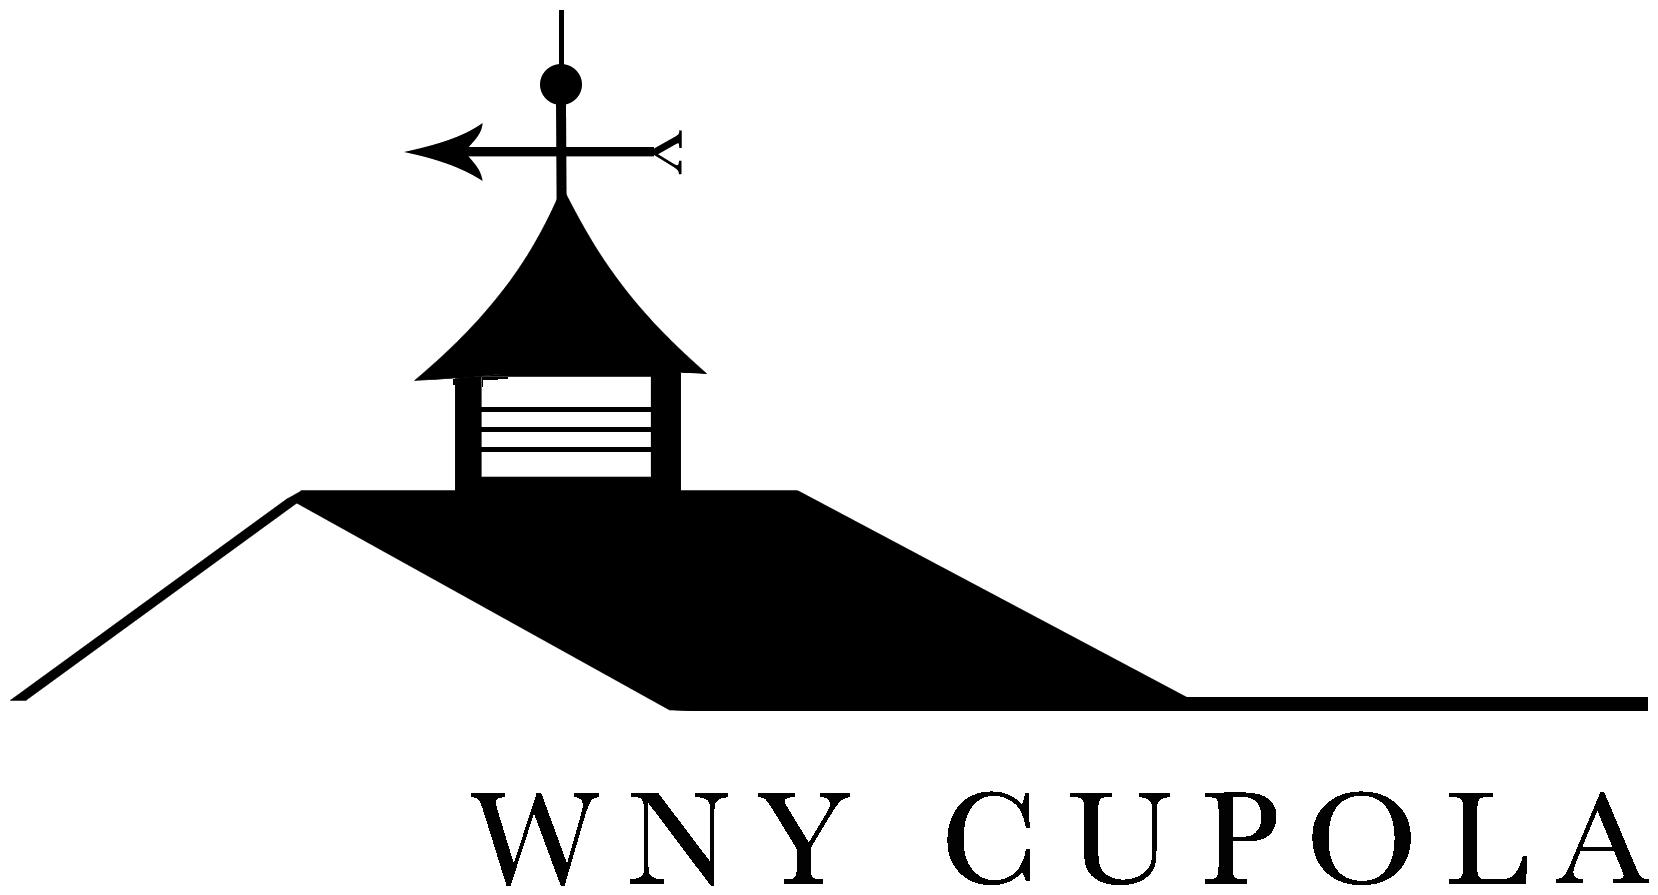 WNY Cupola